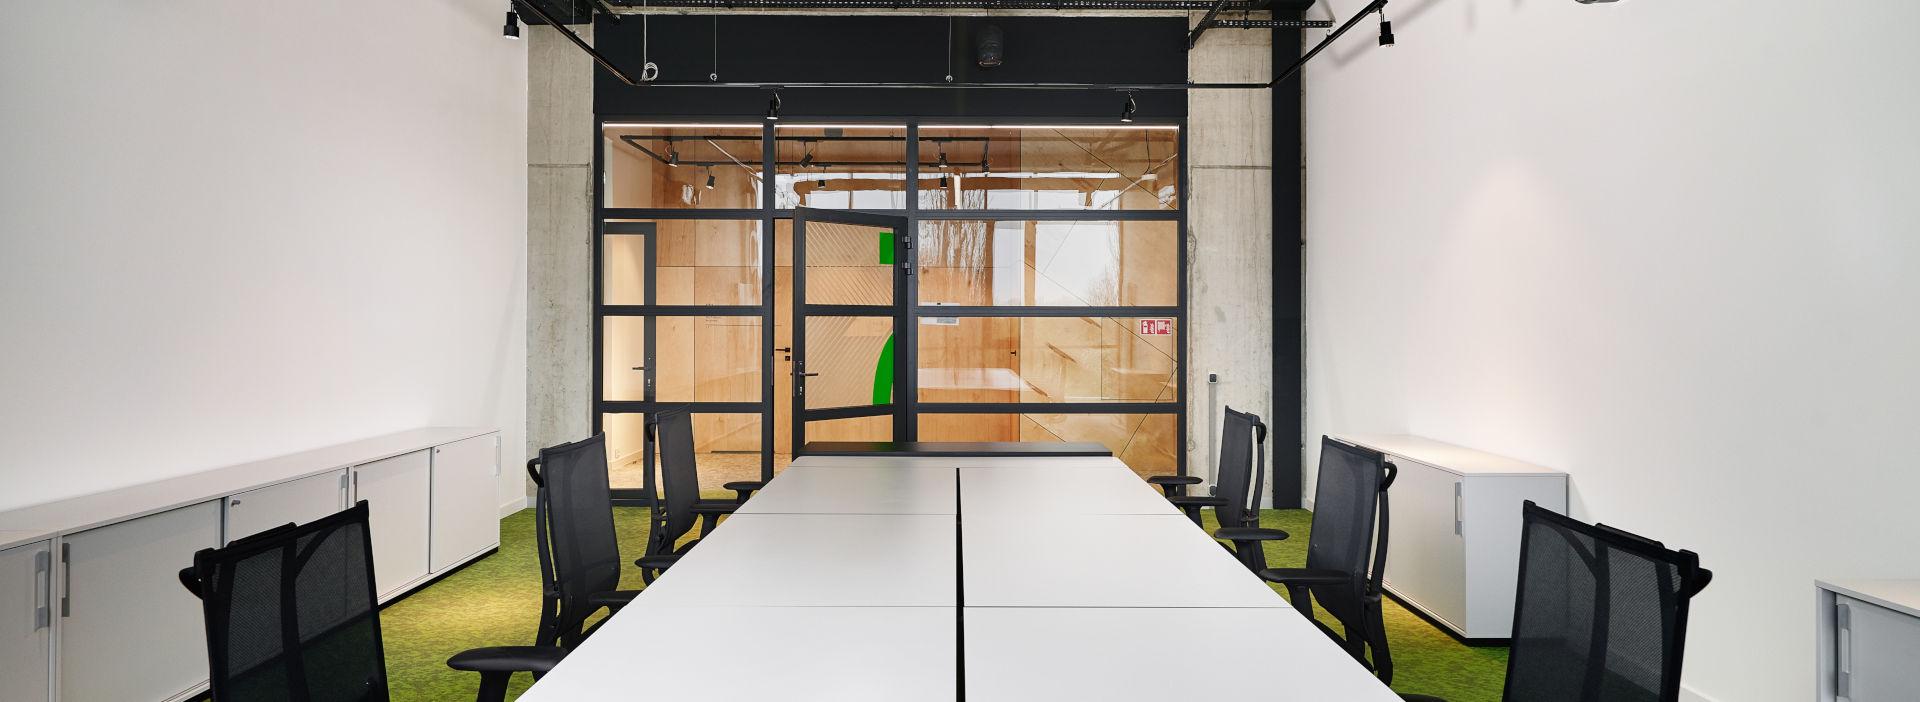 Kamiński - Budownictwo. Projektowanie wnętrza